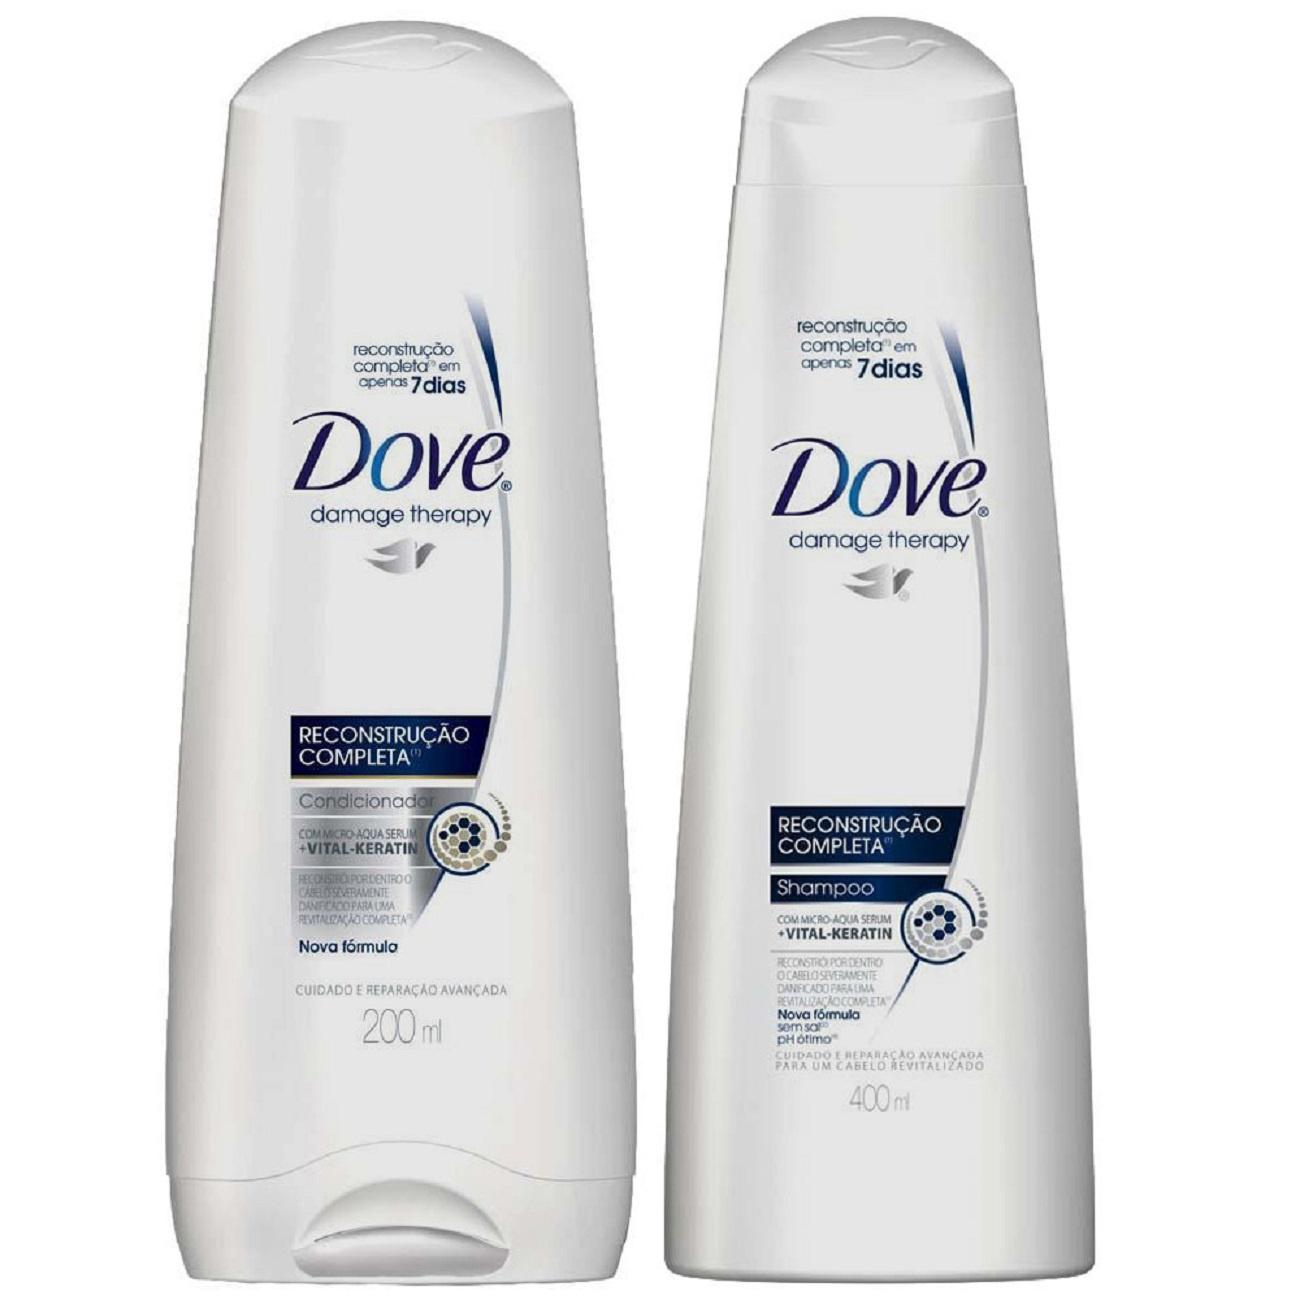 Oferta Shampoo Dove Reconstrução Completa 400ml + Condicionador Dove Reconstrução Completa 200ml